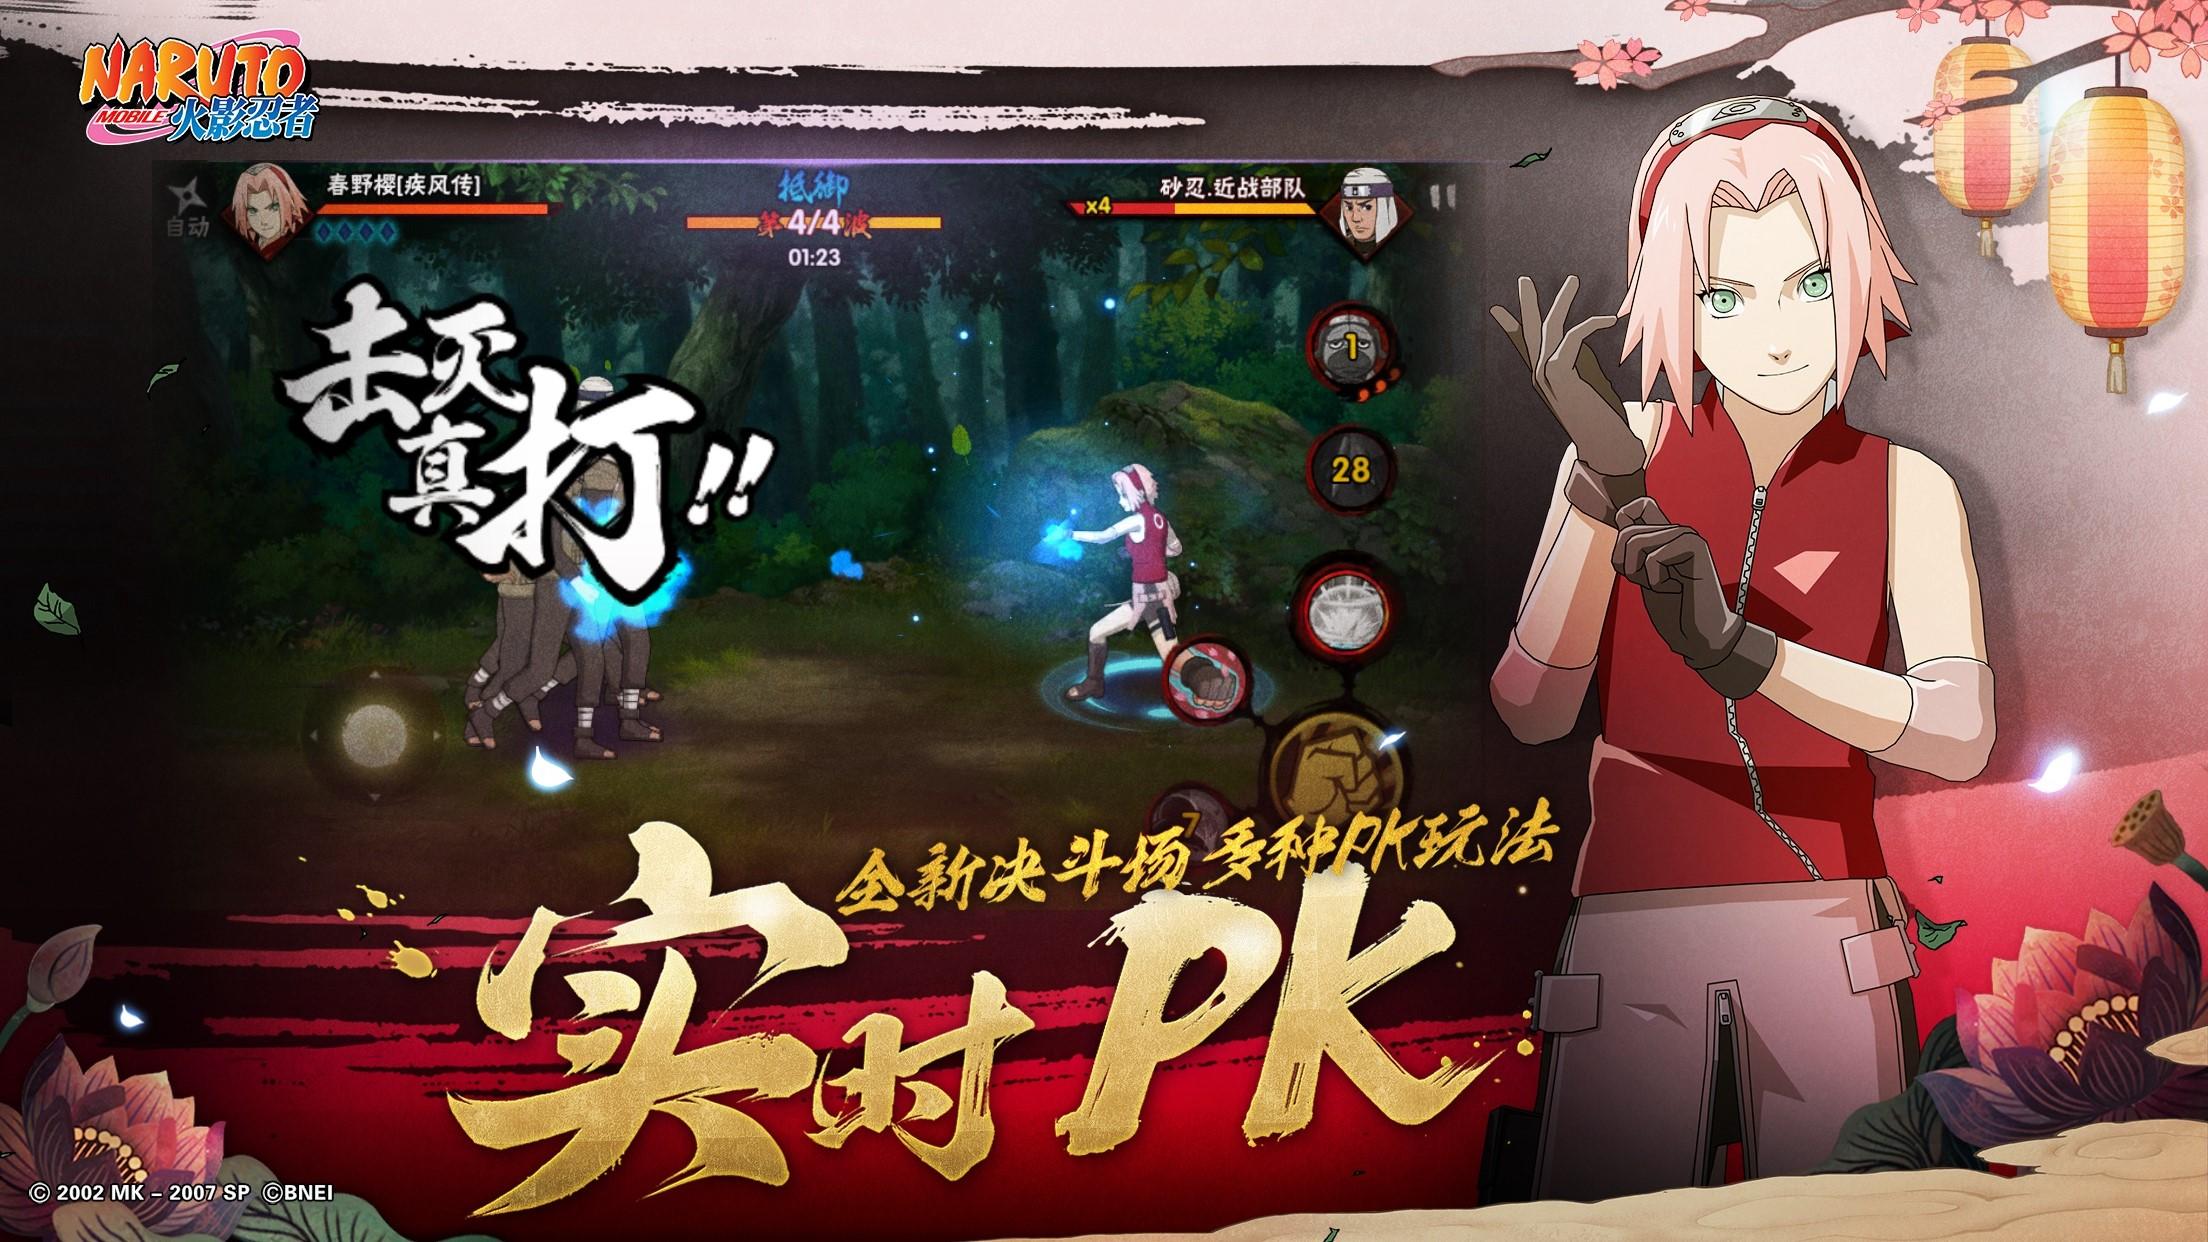 火影忍者手游破解版无限金币版游戏截图